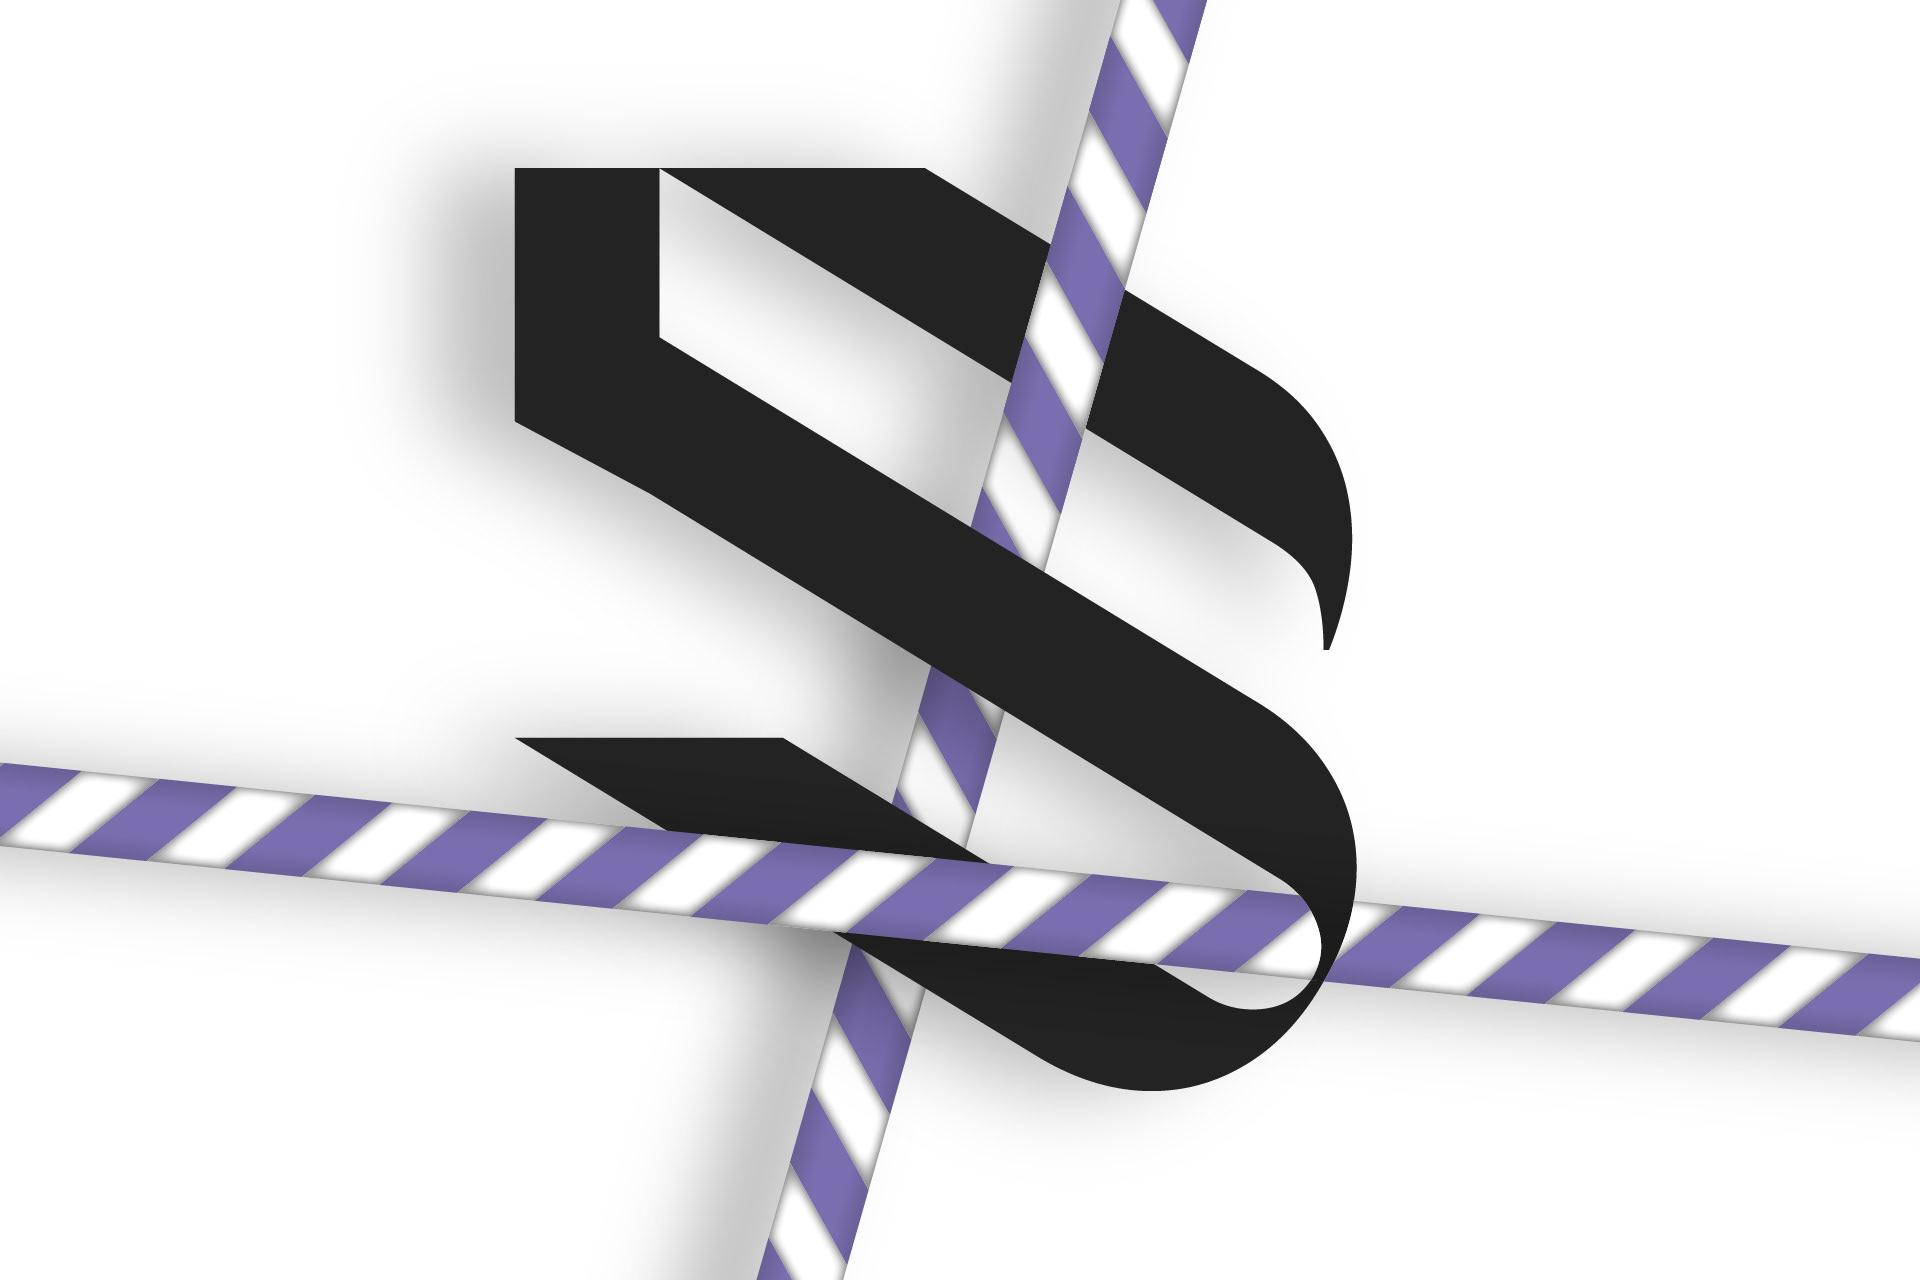 倾斜对角线英文字体下载 Eskos Typeface插图(9)